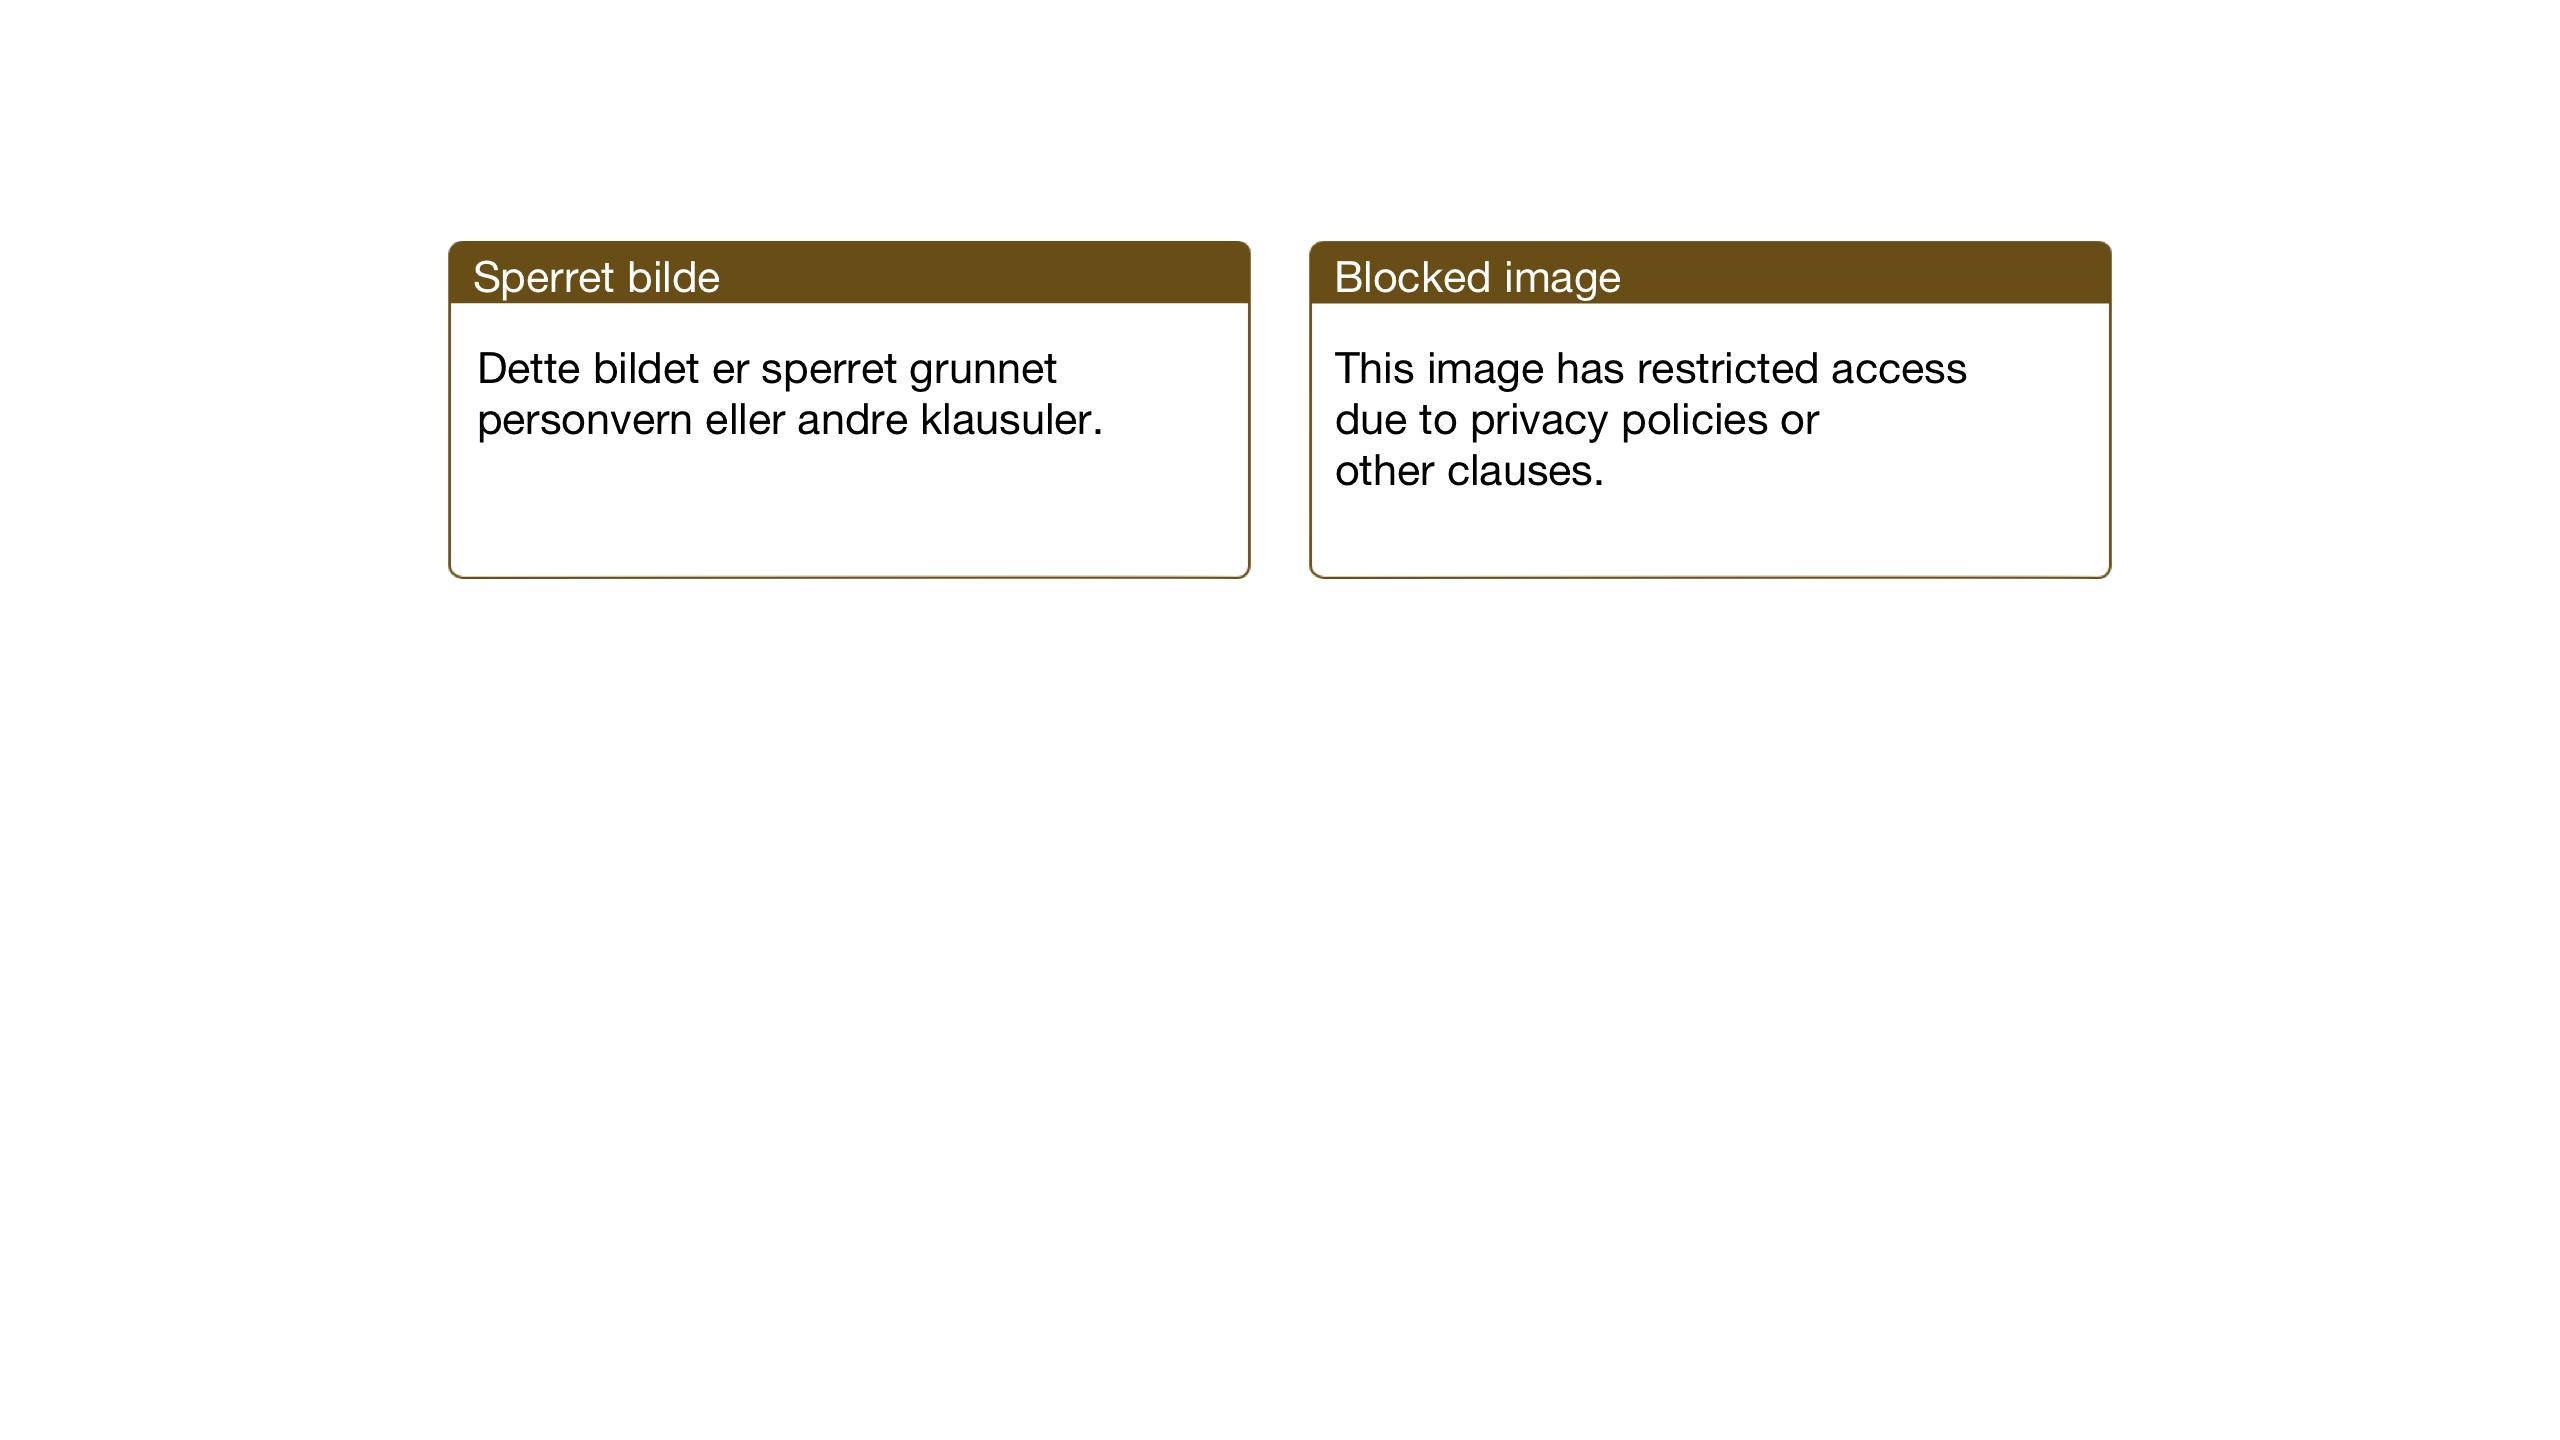 SAT, Ministerialprotokoller, klokkerbøker og fødselsregistre - Nord-Trøndelag, 742/L0413: Klokkerbok nr. 742C04, 1911-1938, s. 53